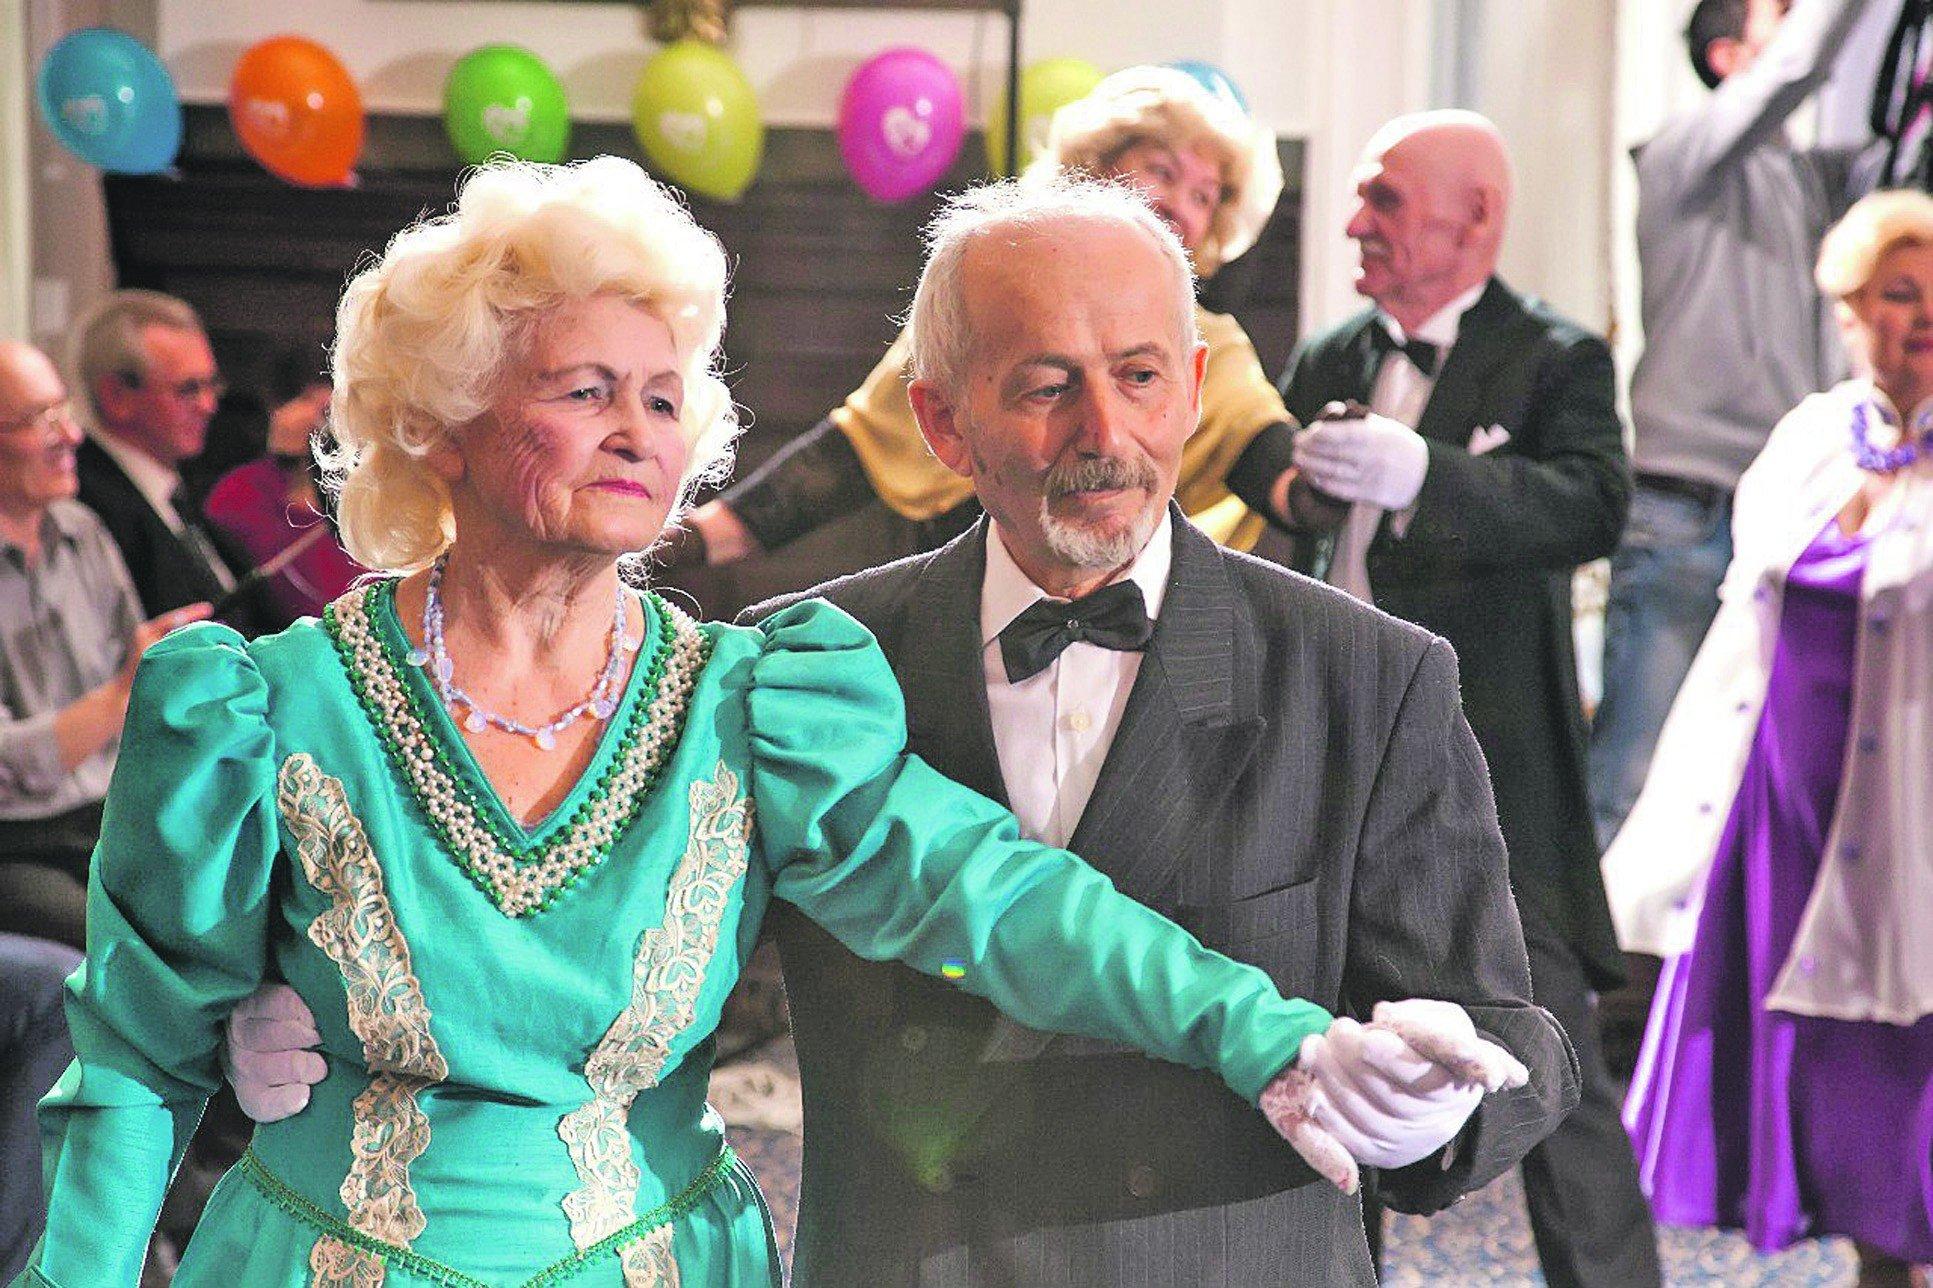 очень танцы стариков картинки конечно понимаю, причем